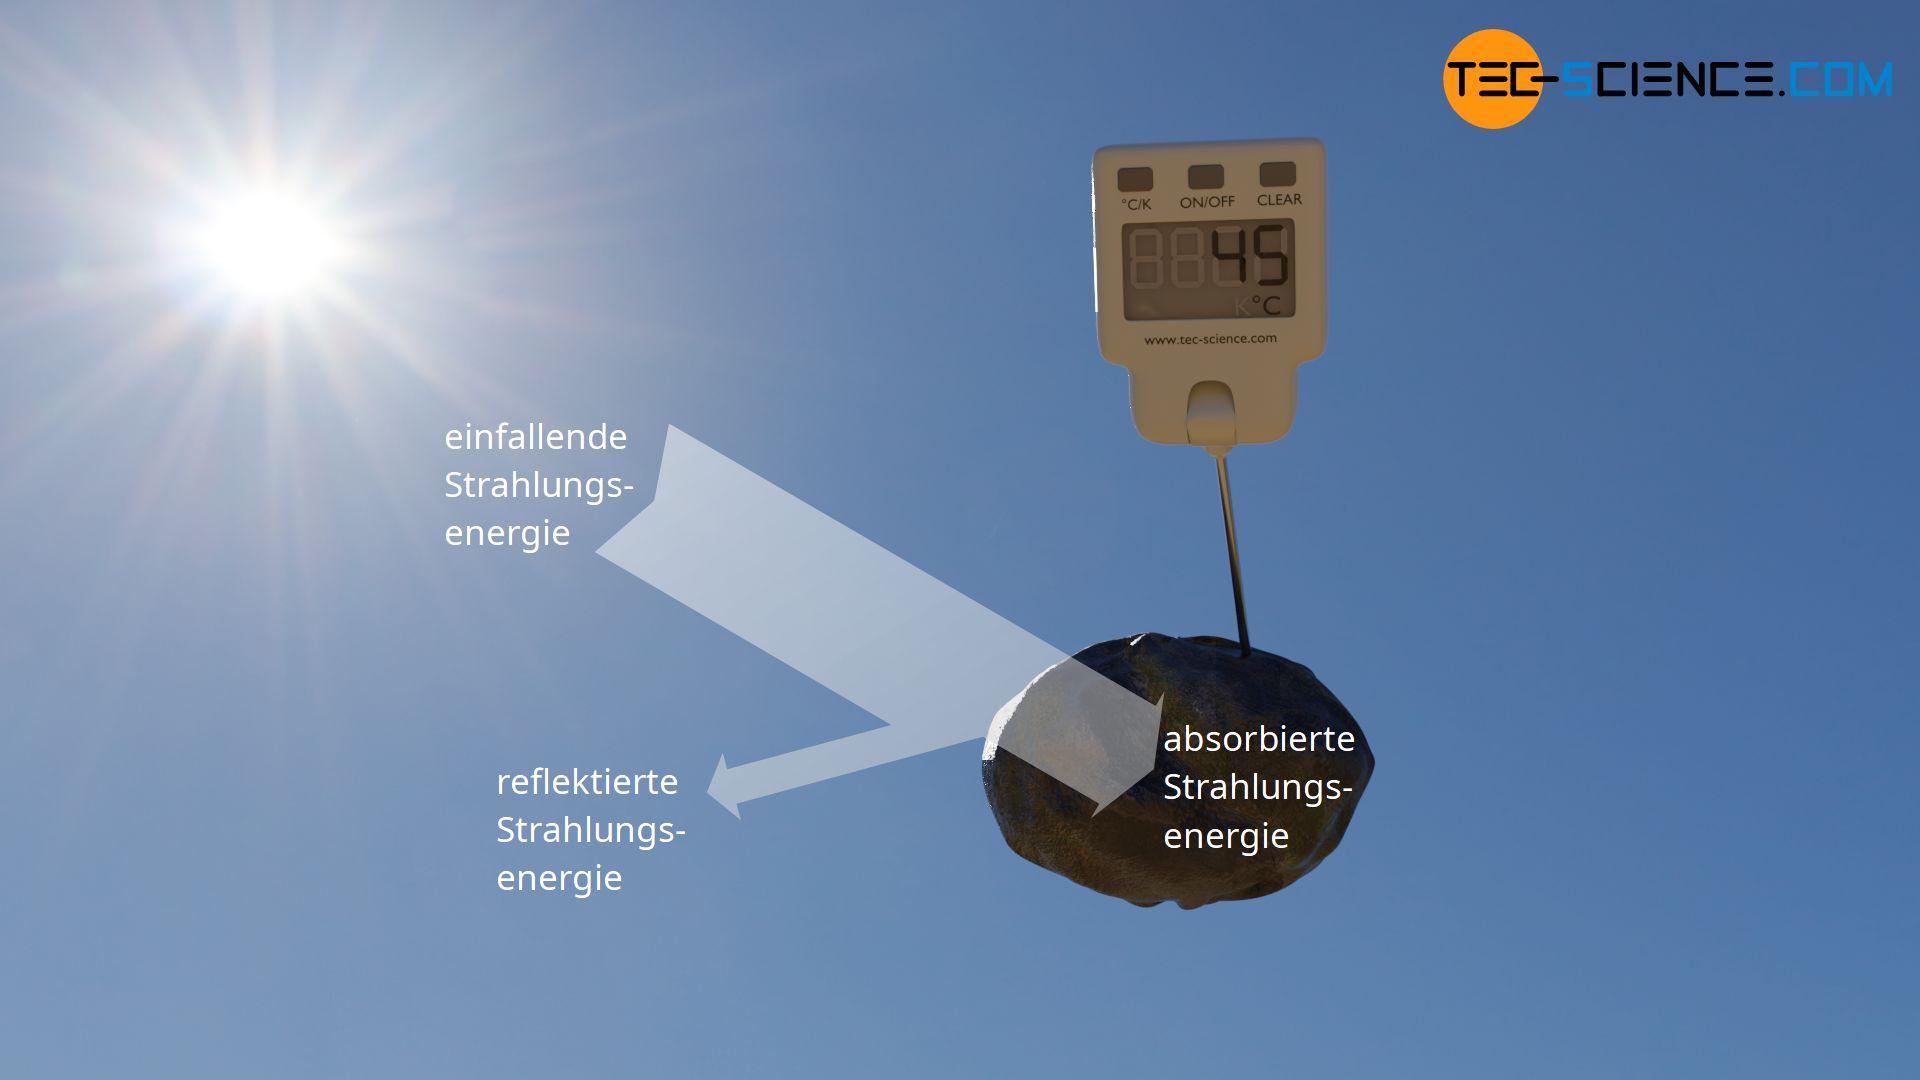 Erwärmung eines Gegenstandes durch Absorption von Strahlung